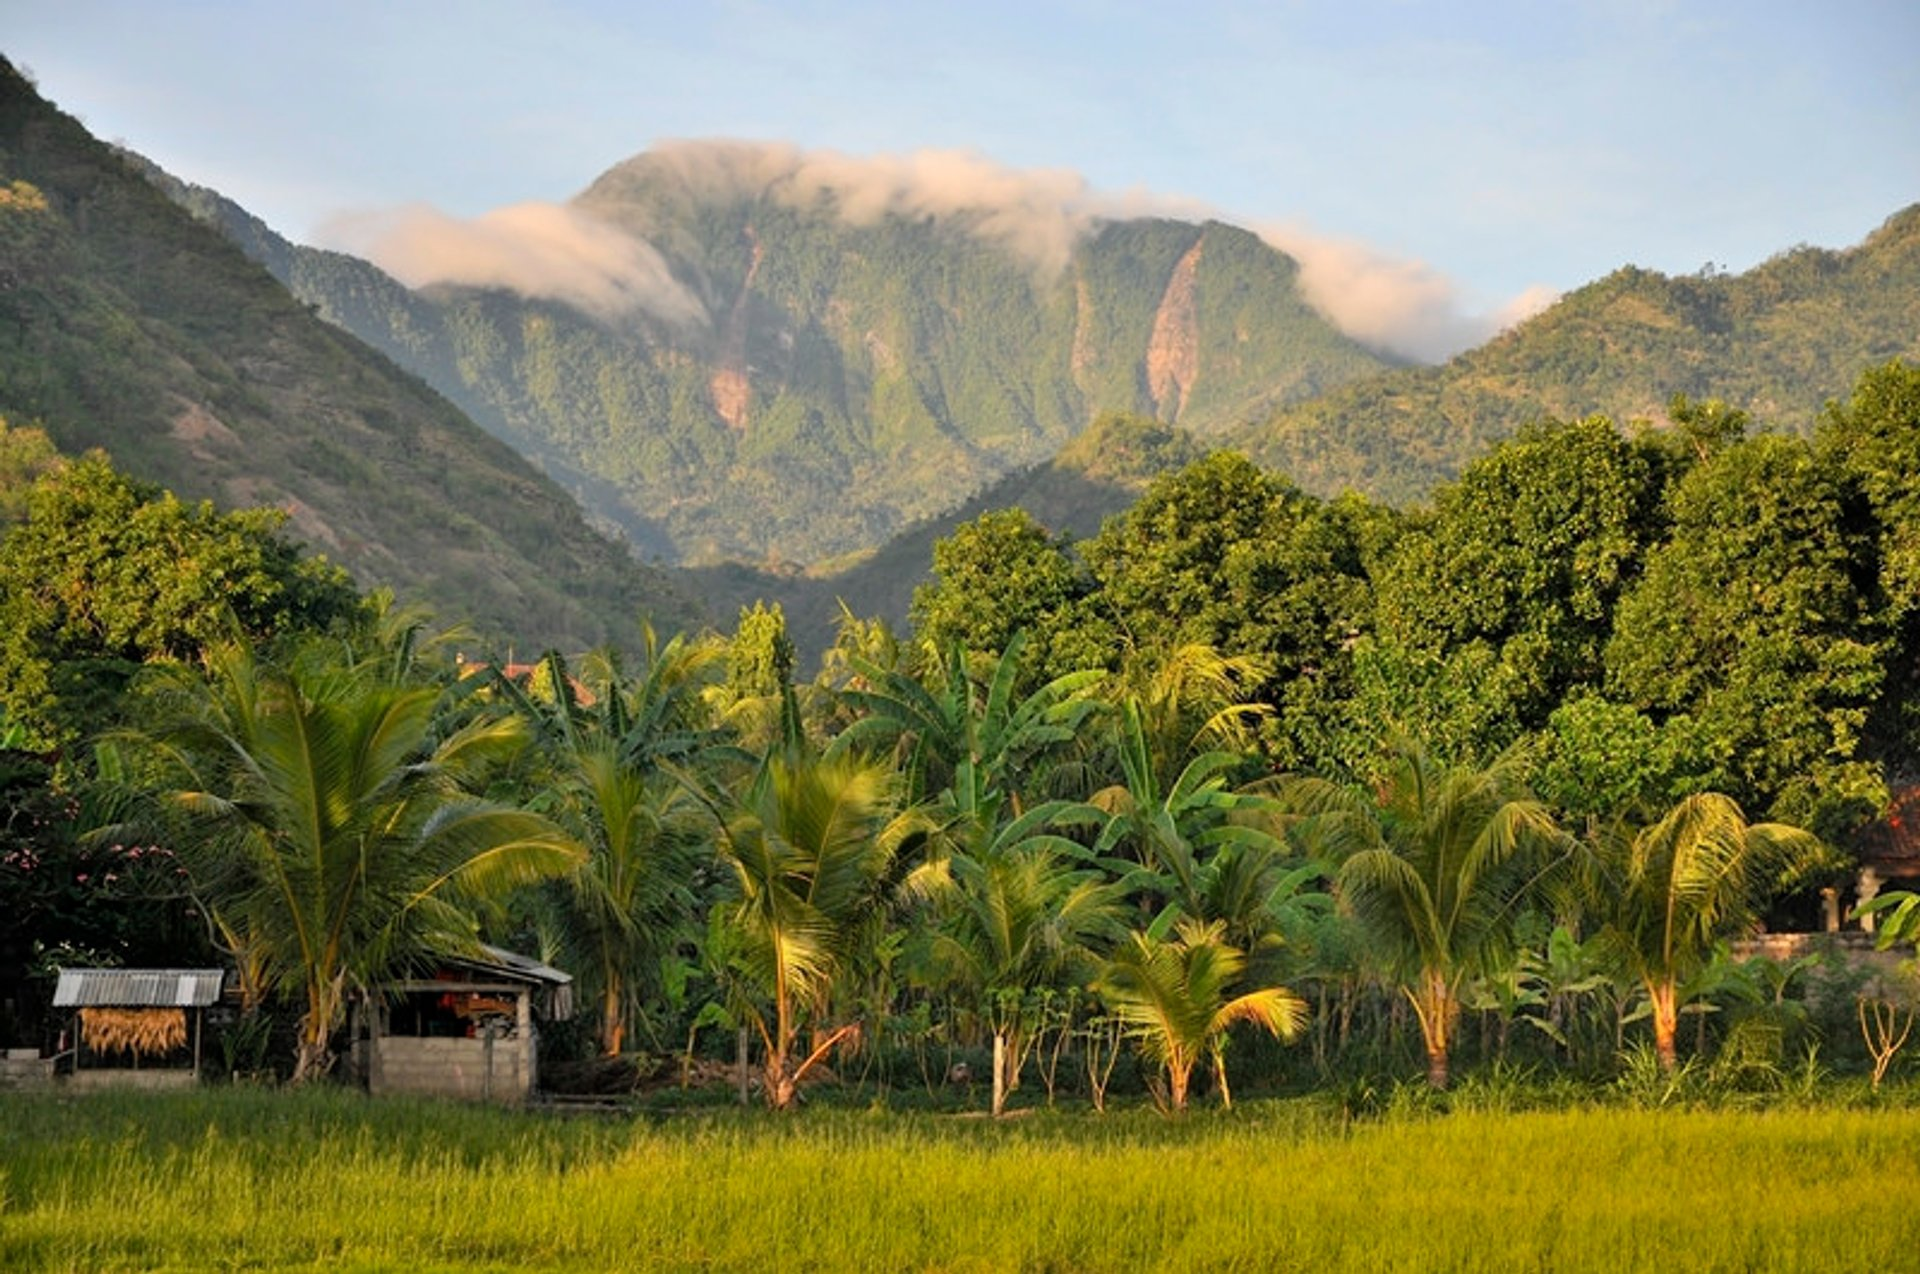 Dry Season in Bali 2020 - Best Time